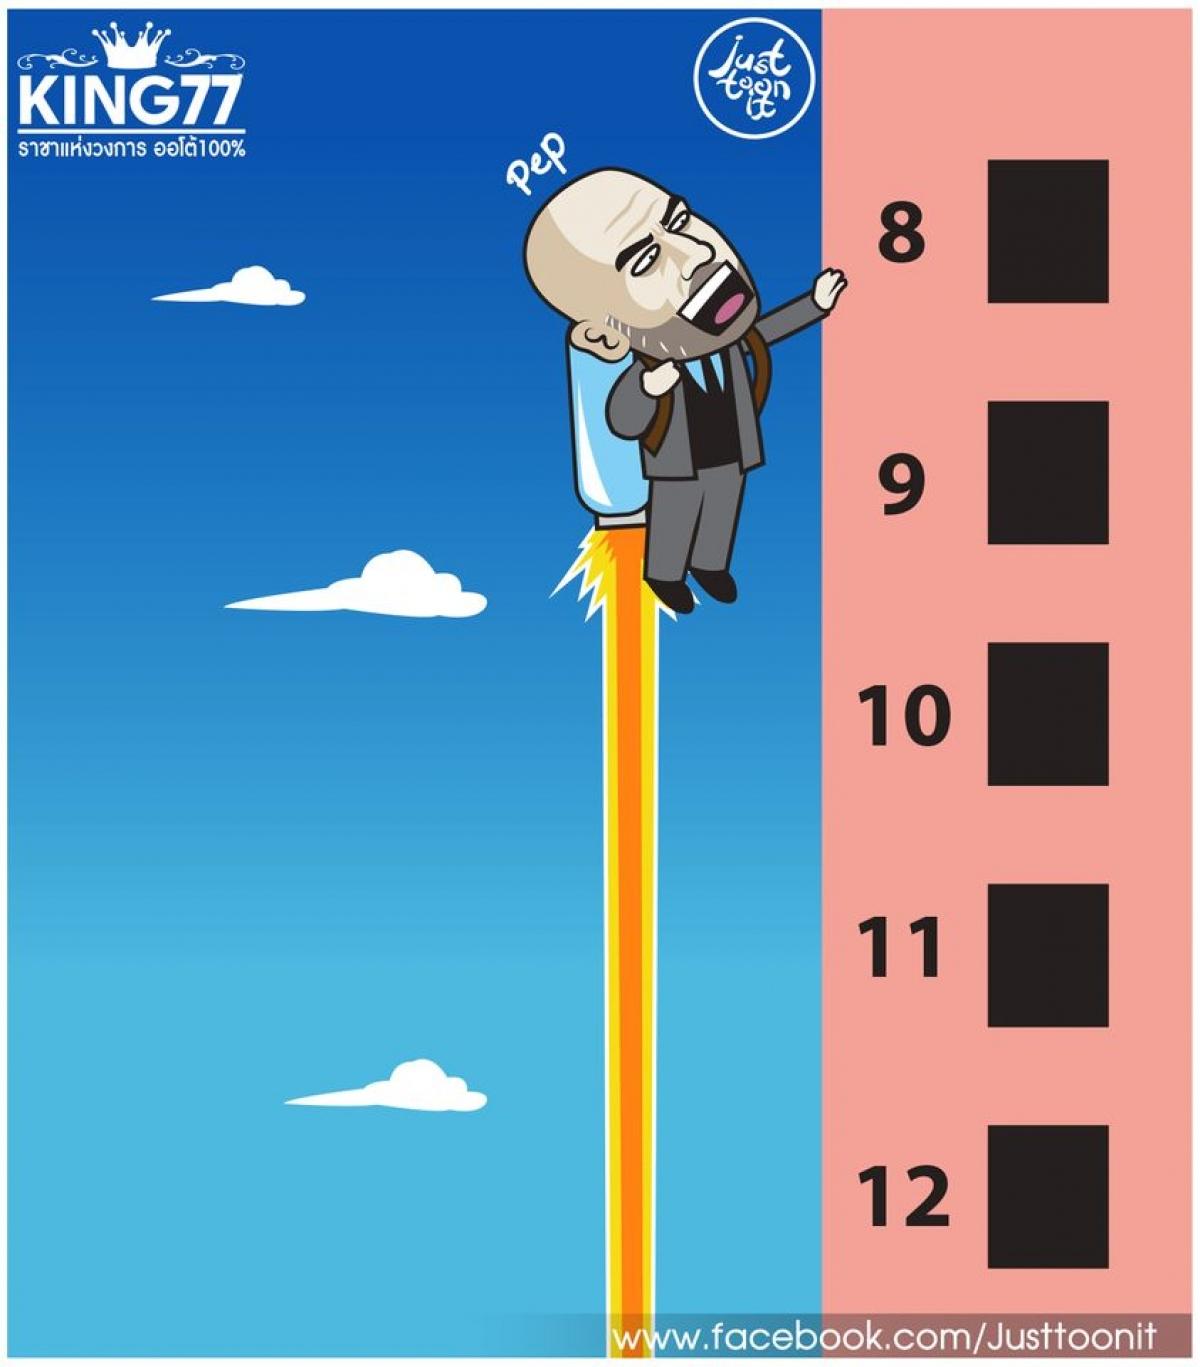 Chiến thắng 5-0 trước Burnley tại vòng 10 Premier League giúp thầy trò HLV Pep Guardiola leo lên vị trí thứ 8.